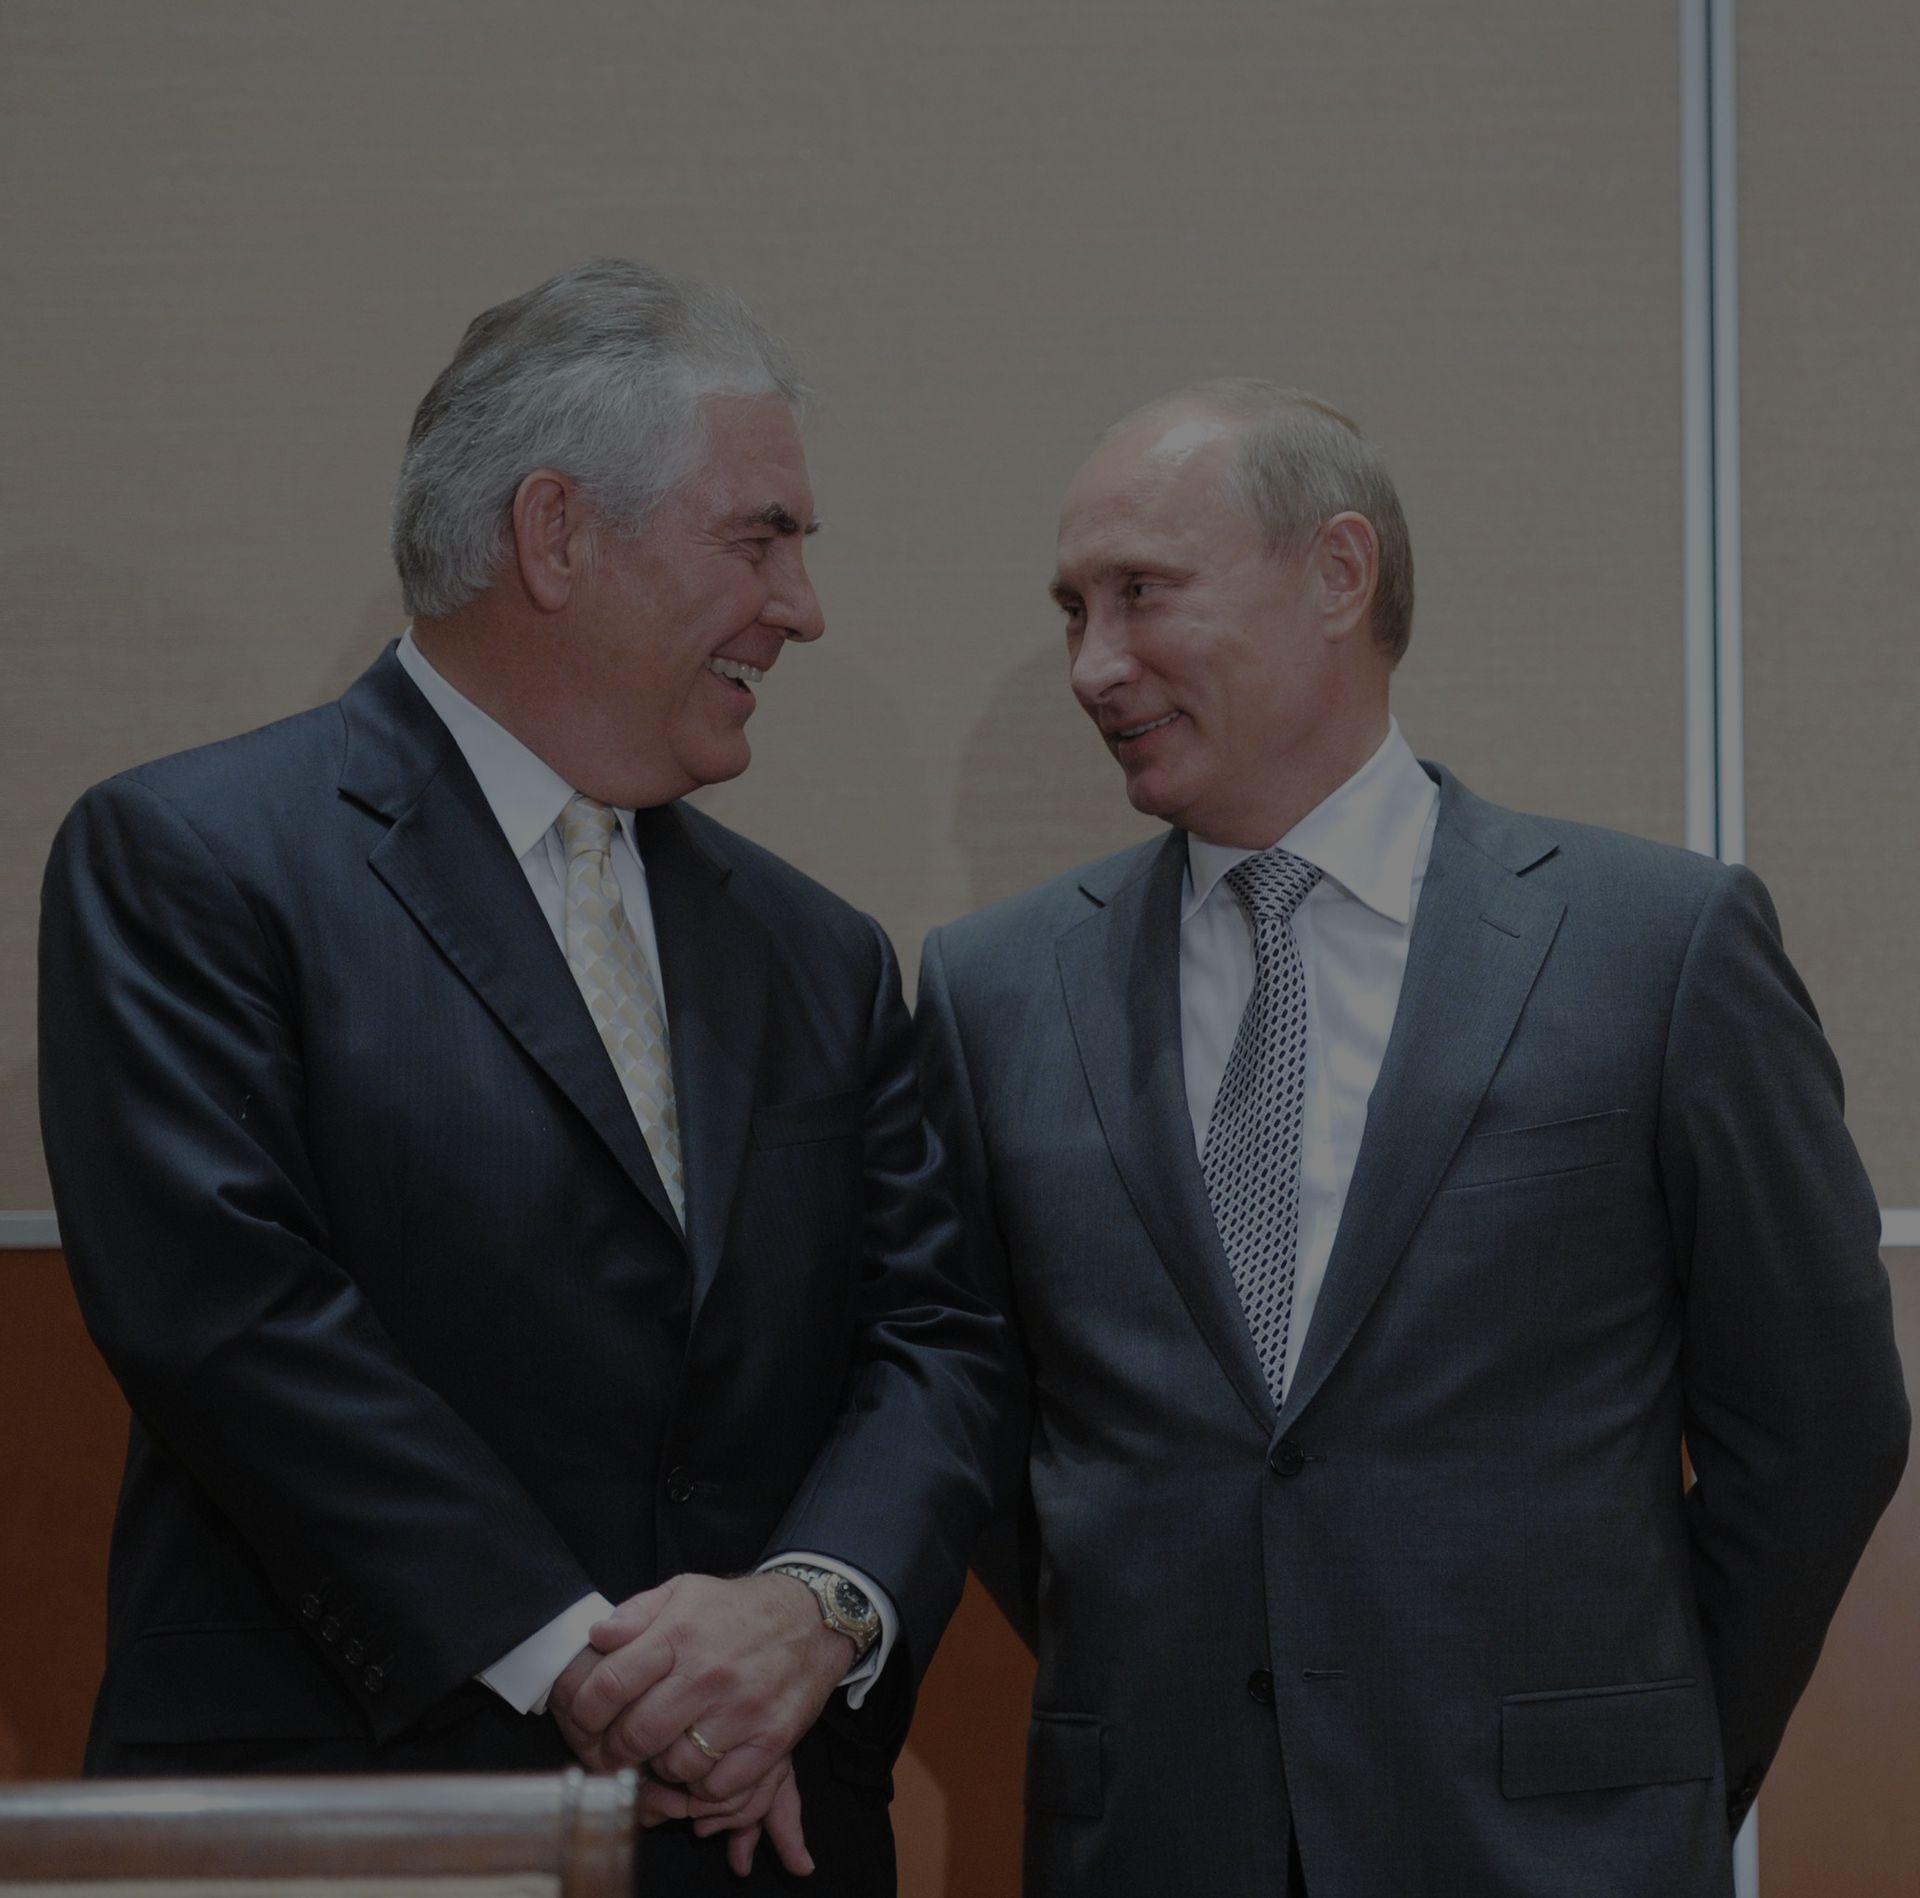 Руководитель  ExxonMobil получит $180 млн зауход споста